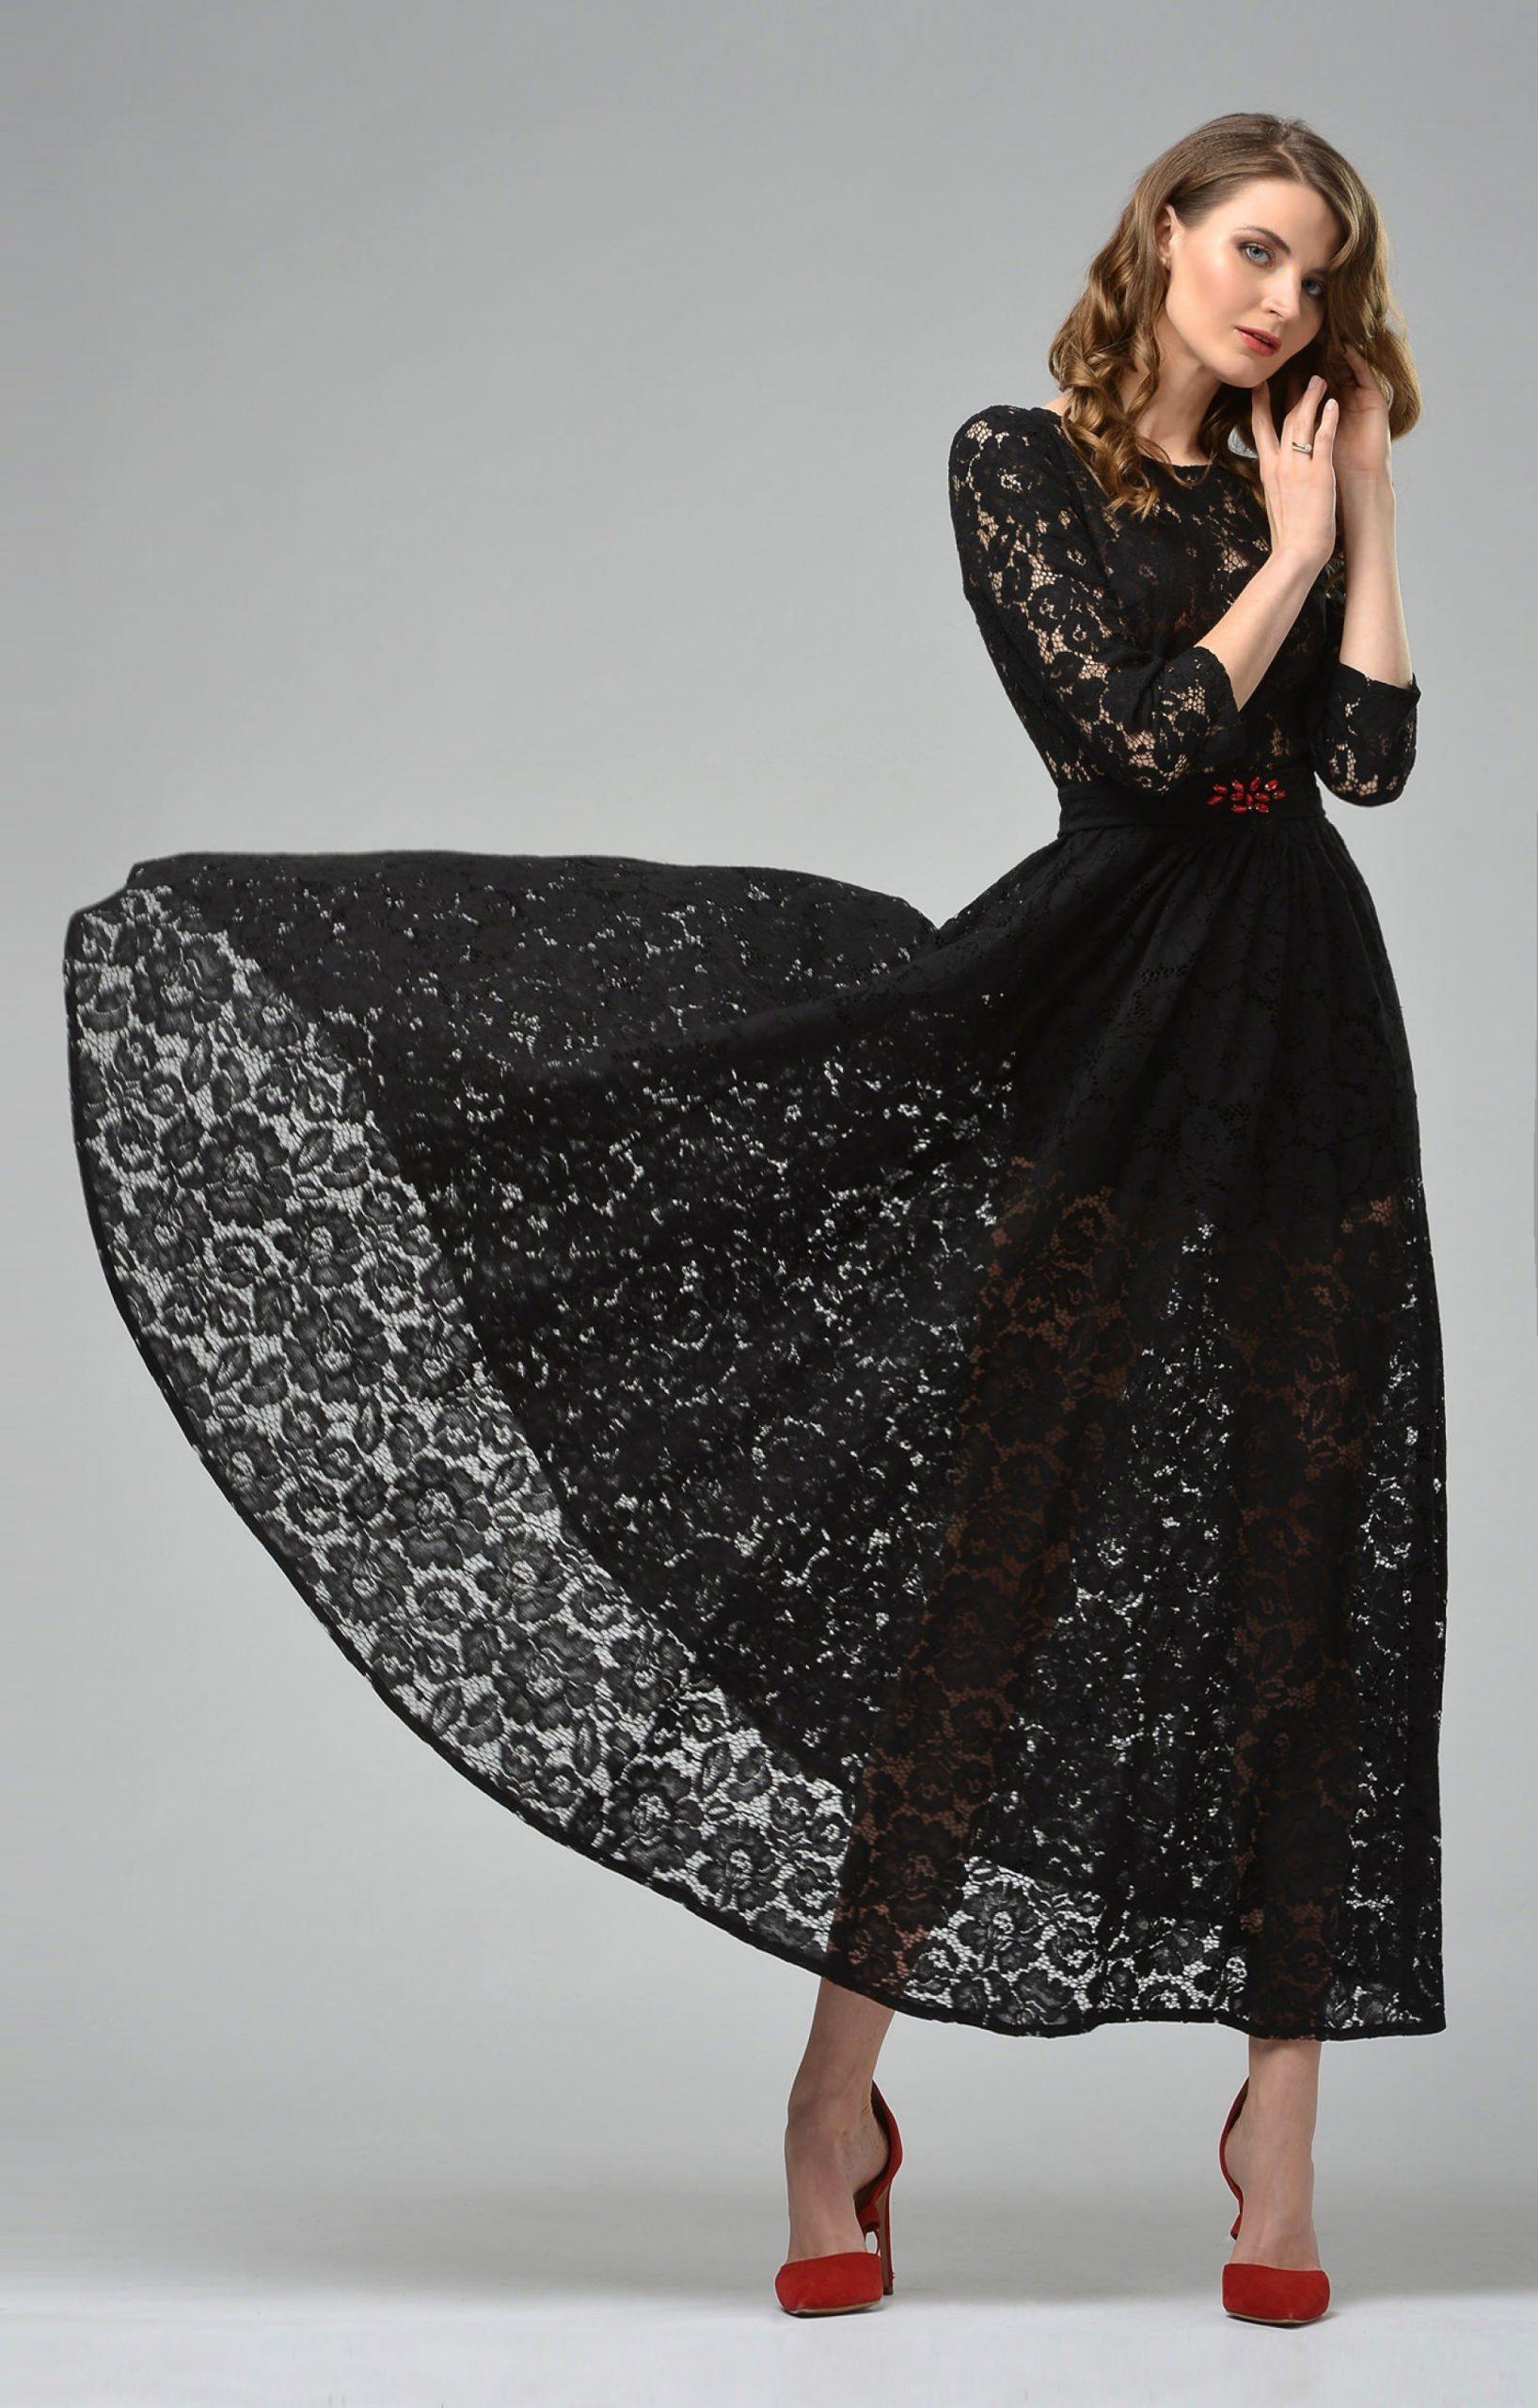 17 Spektakulär Abendkleid Von Zara ÄrmelFormal Cool Abendkleid Von Zara Ärmel